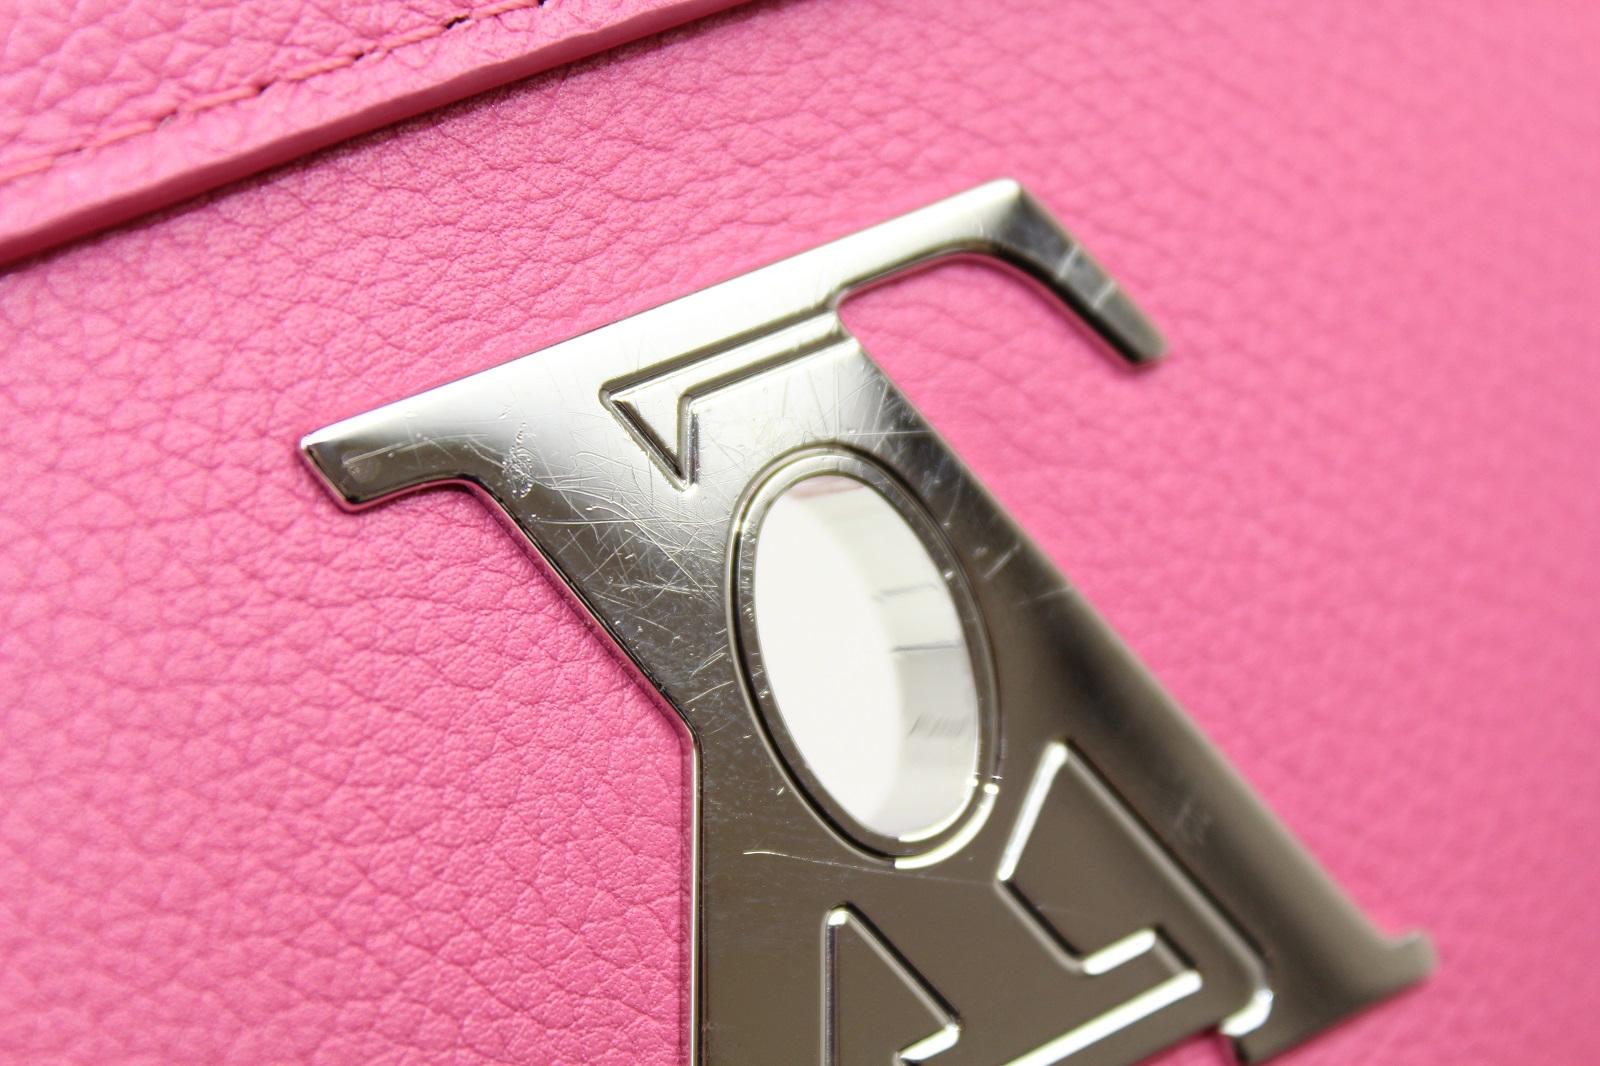 LOUIS VUITTON ルイ ヴィトンロックミー2BB 限定カラーカーフレザー ピンク×カーキ×ベージュハンドバッグ ショルダーバッグgybf6Y7